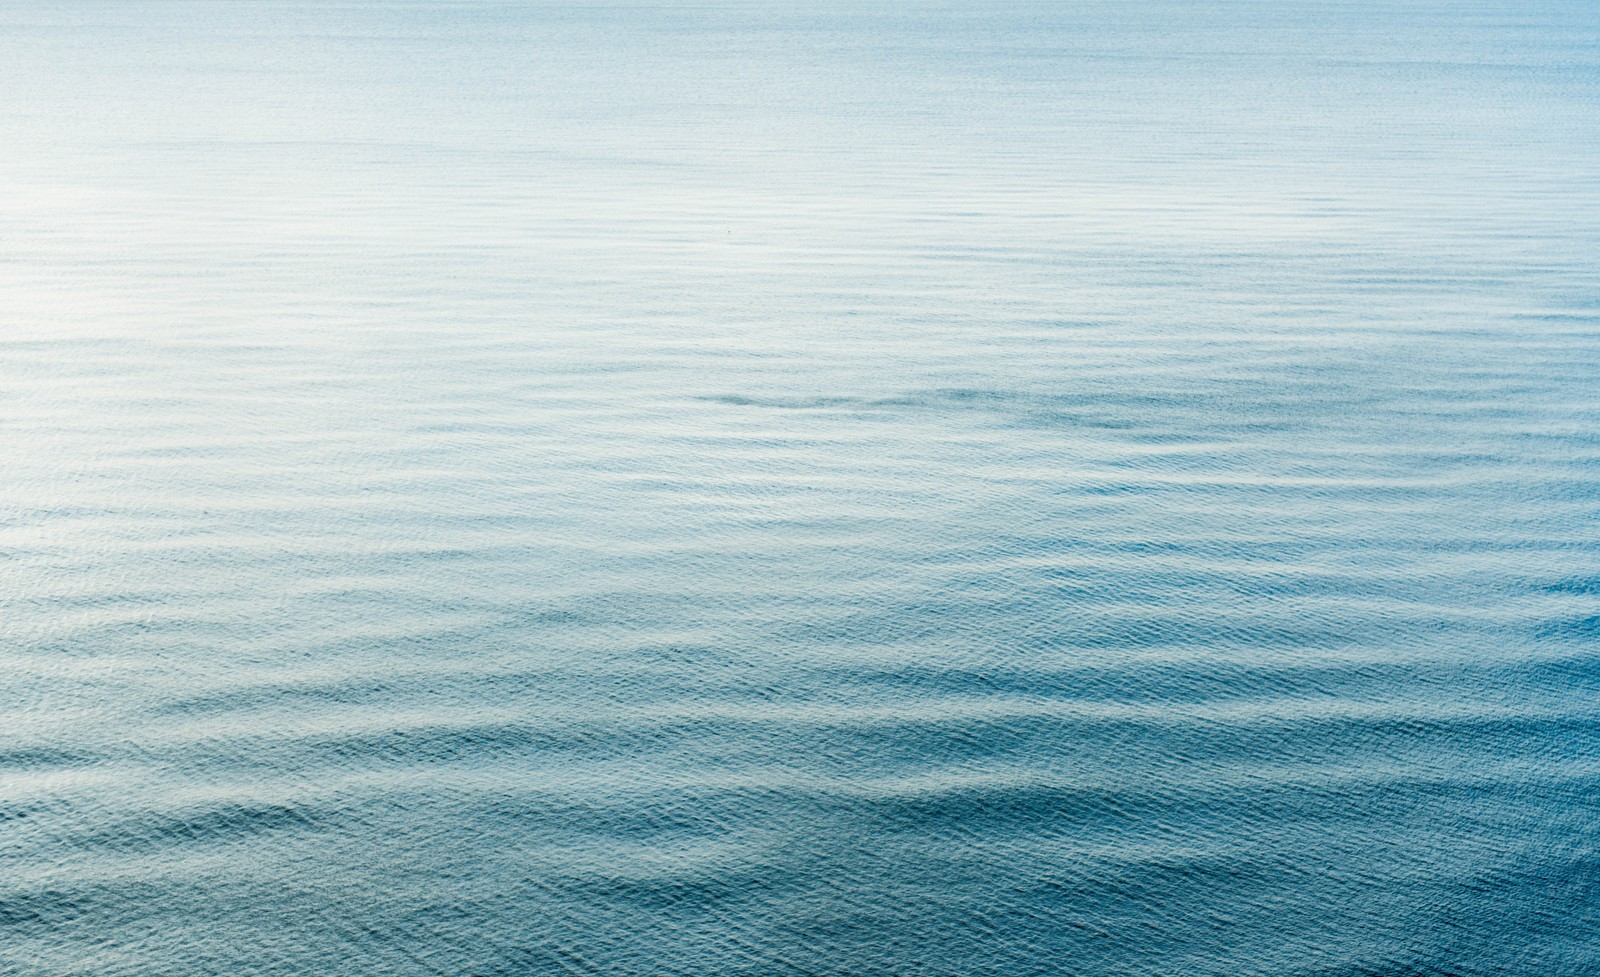 「海の波海の波」のフリー写真素材を拡大